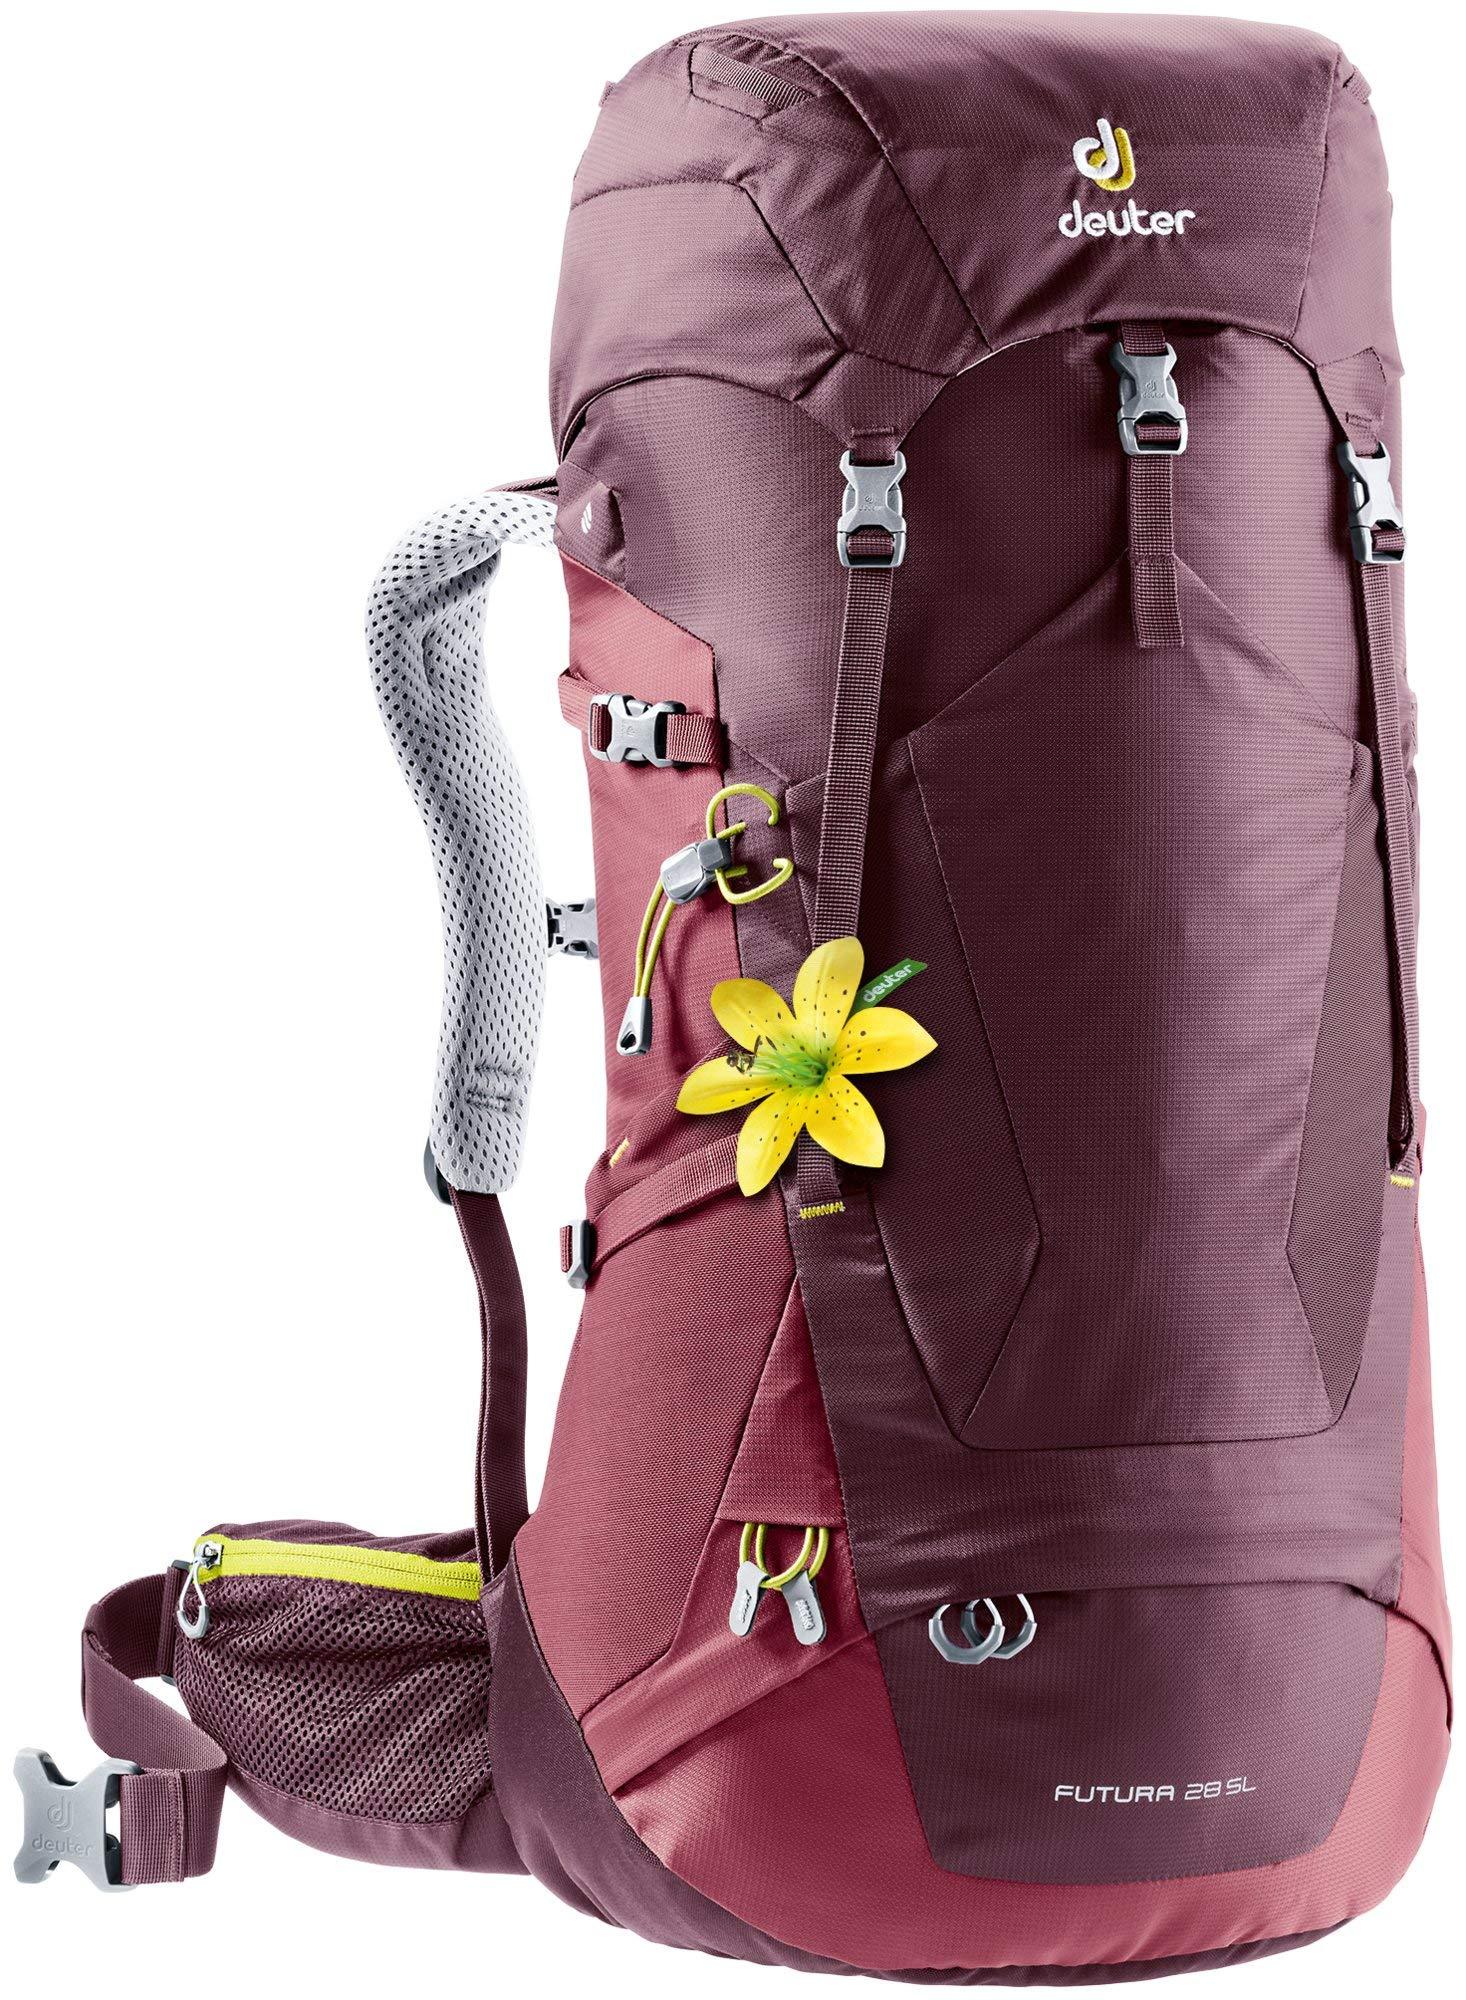 Deuter Handtaschen Taschen 3400618 Lila/pink 1jhE2